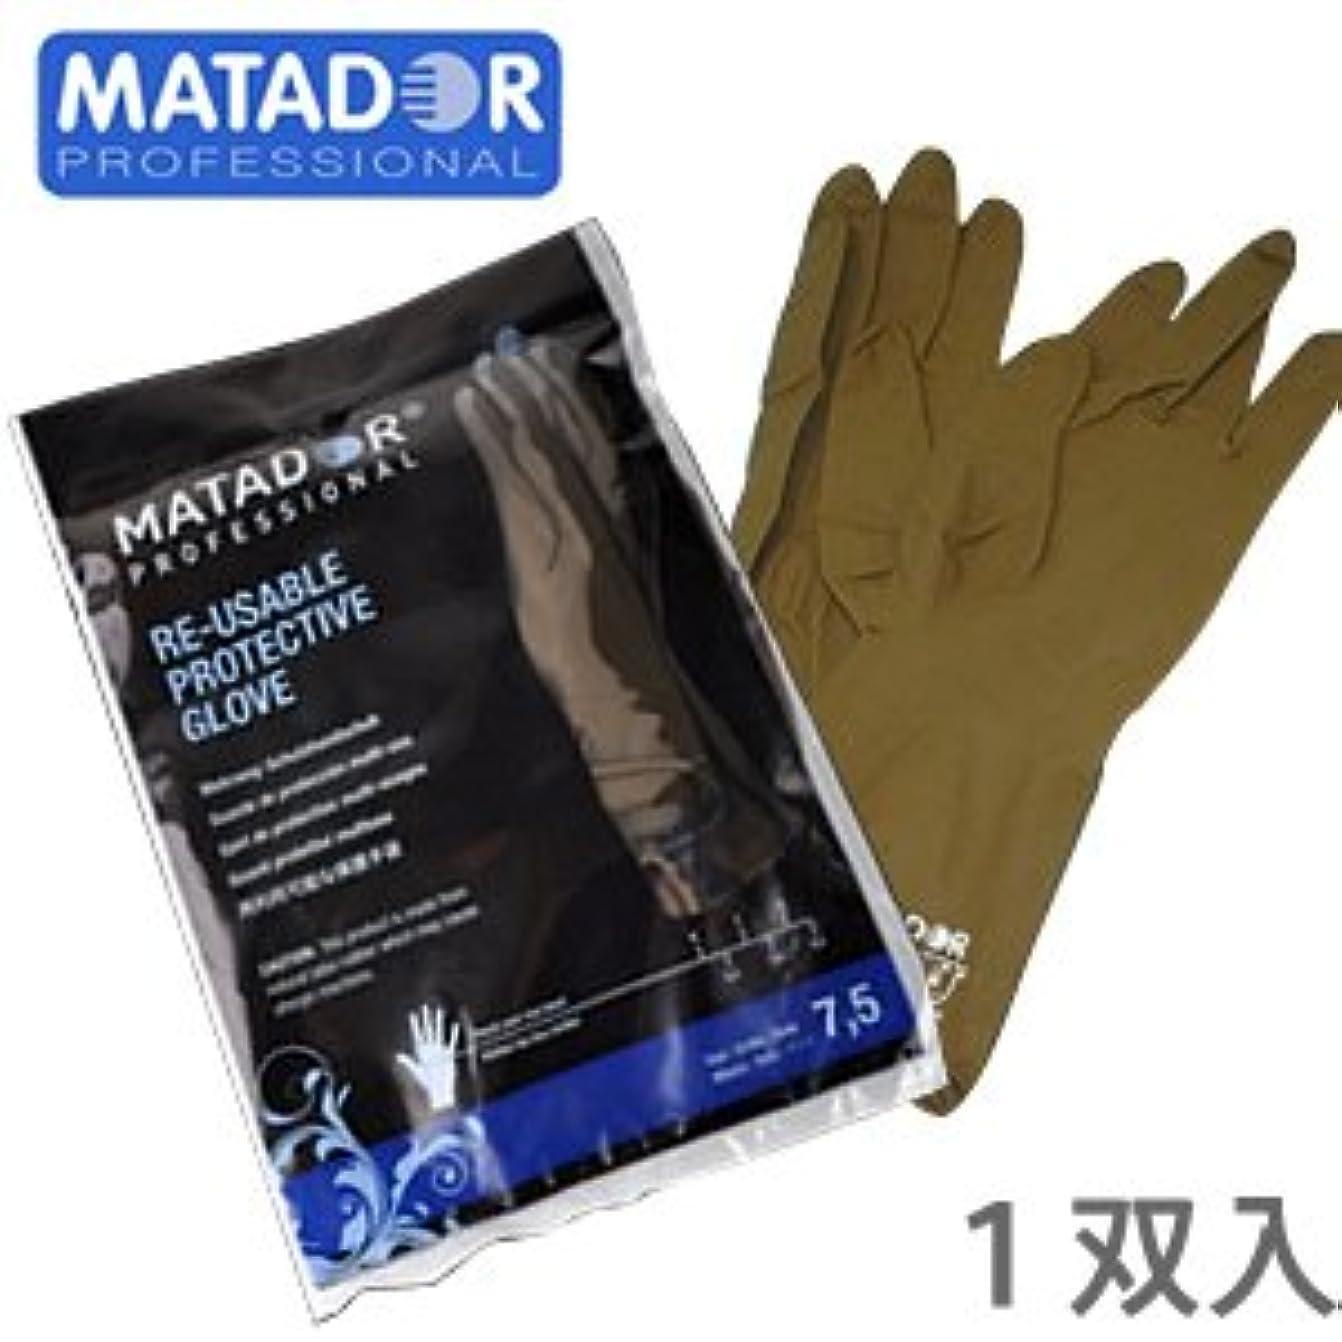 建築極端な出来事マタドールゴム手袋 7.5吋 【5個セット】